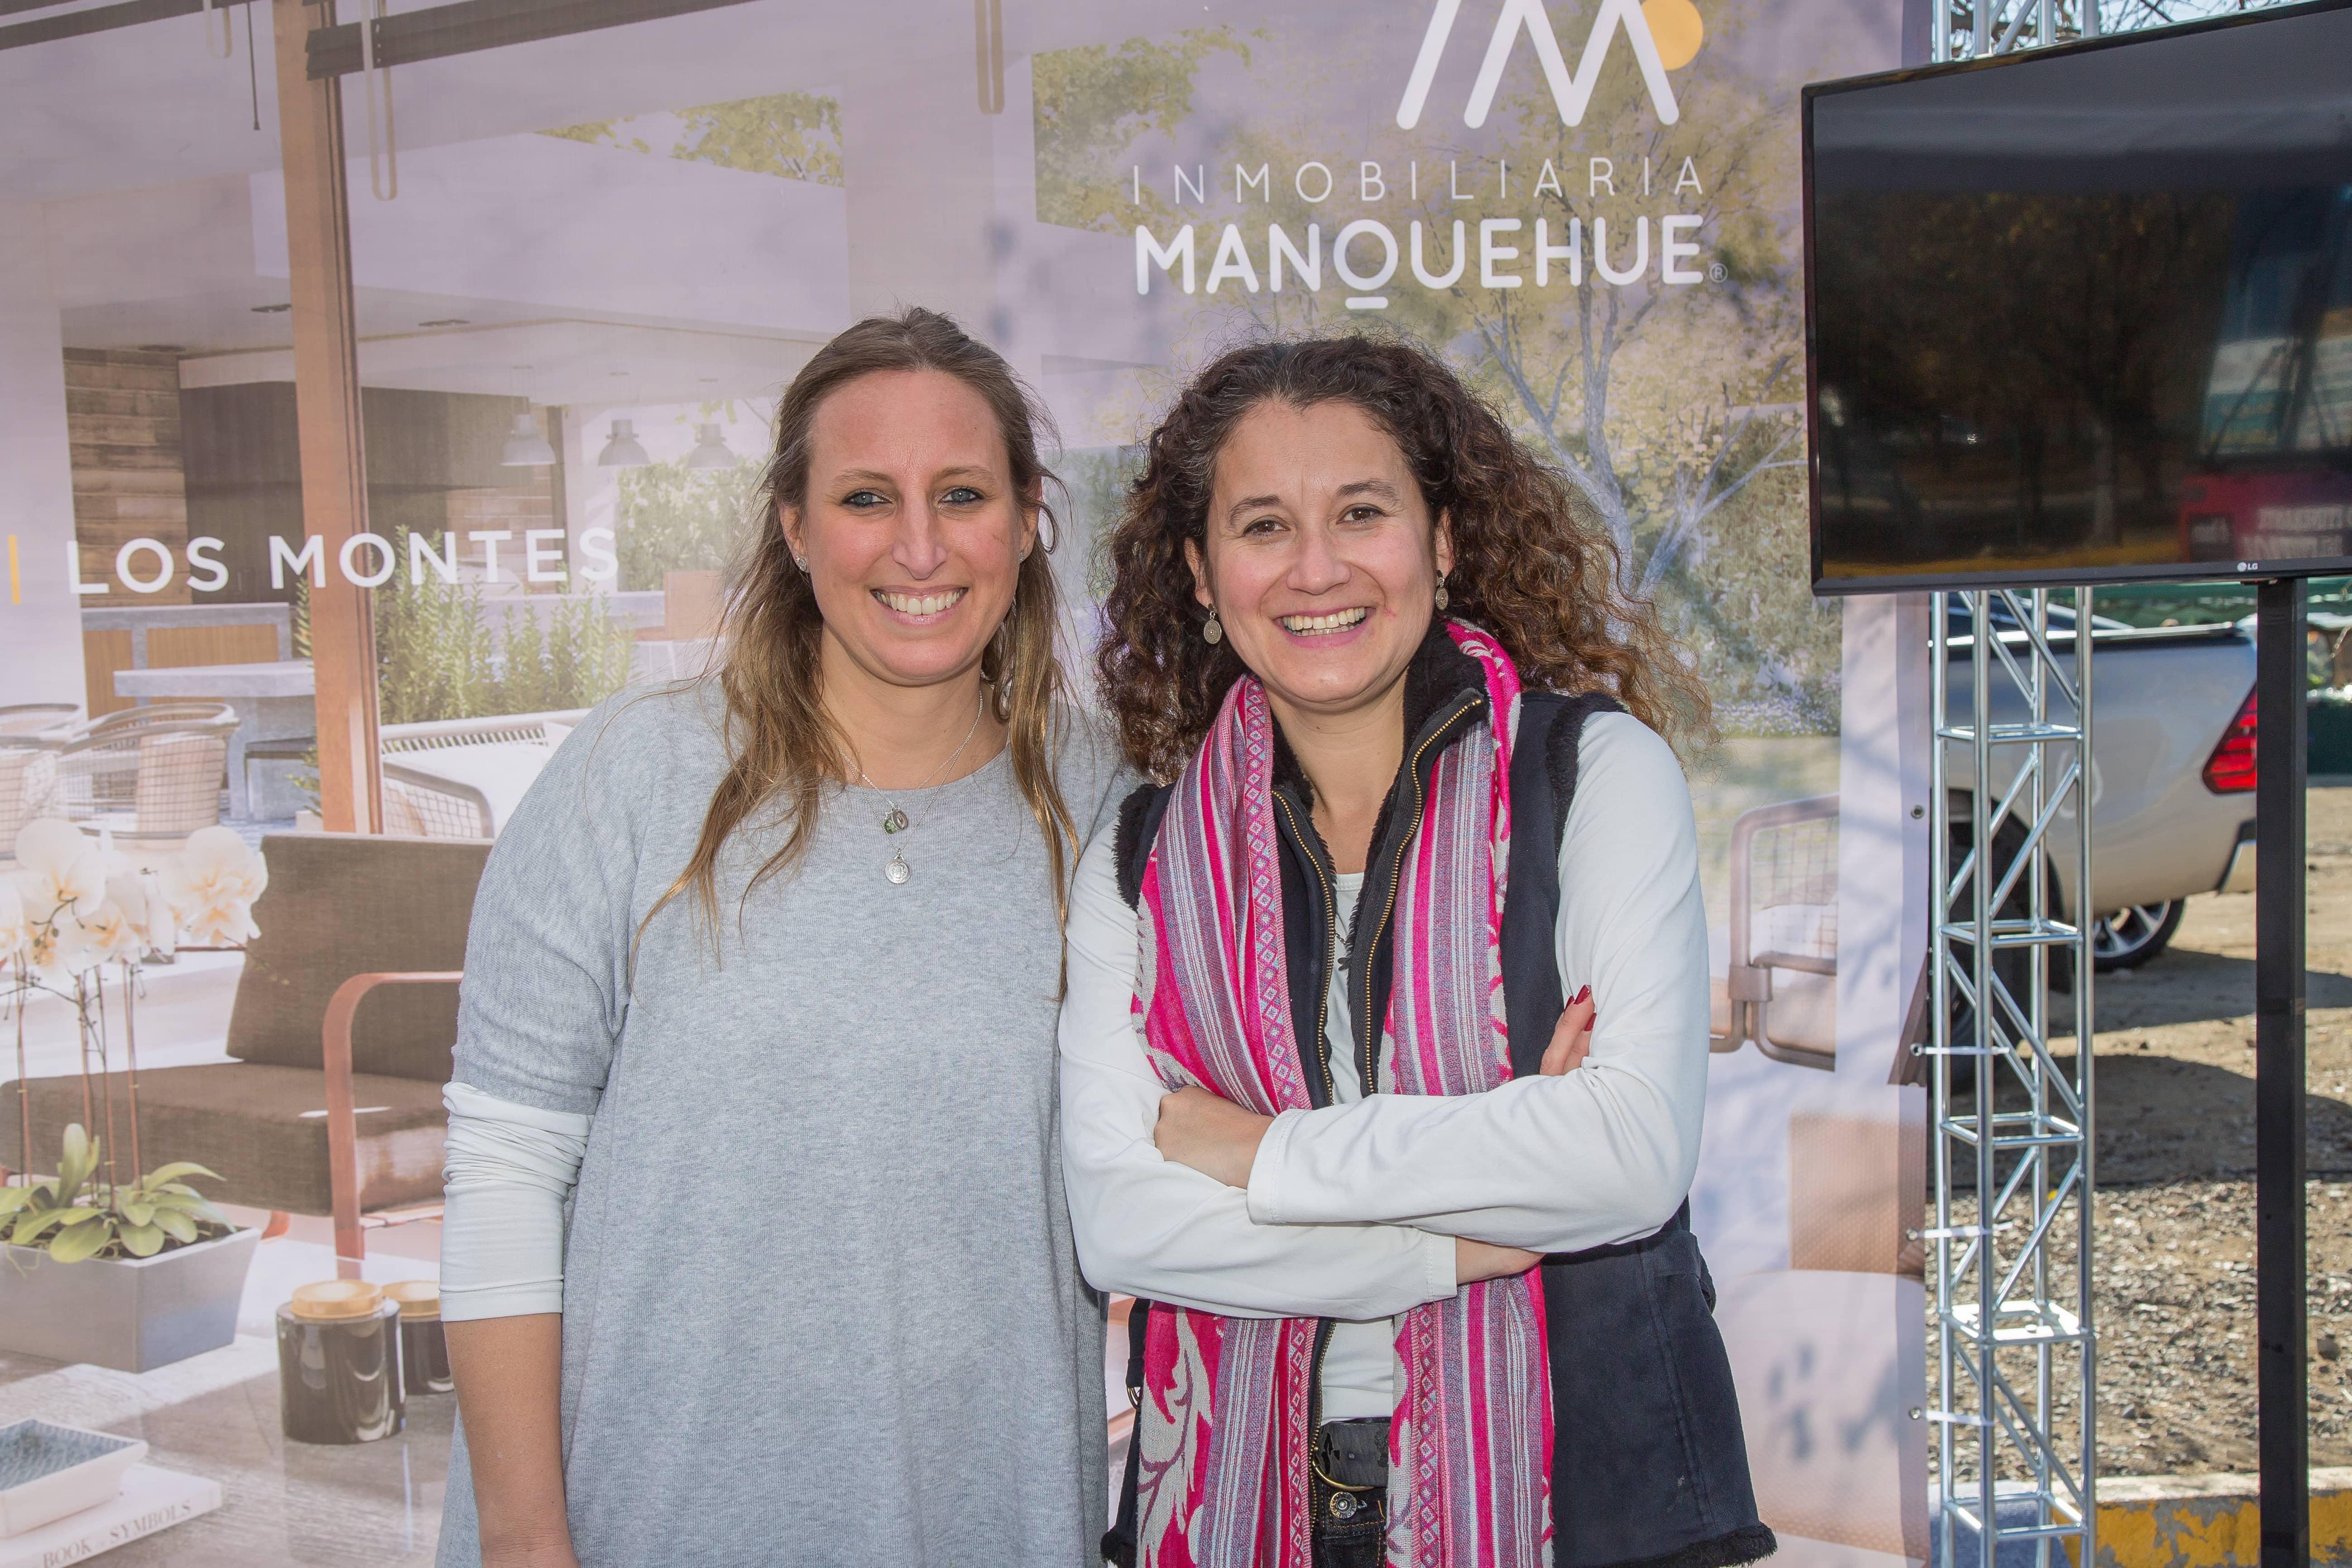 Foto 20 Mónica Torretti y Paulina Vega